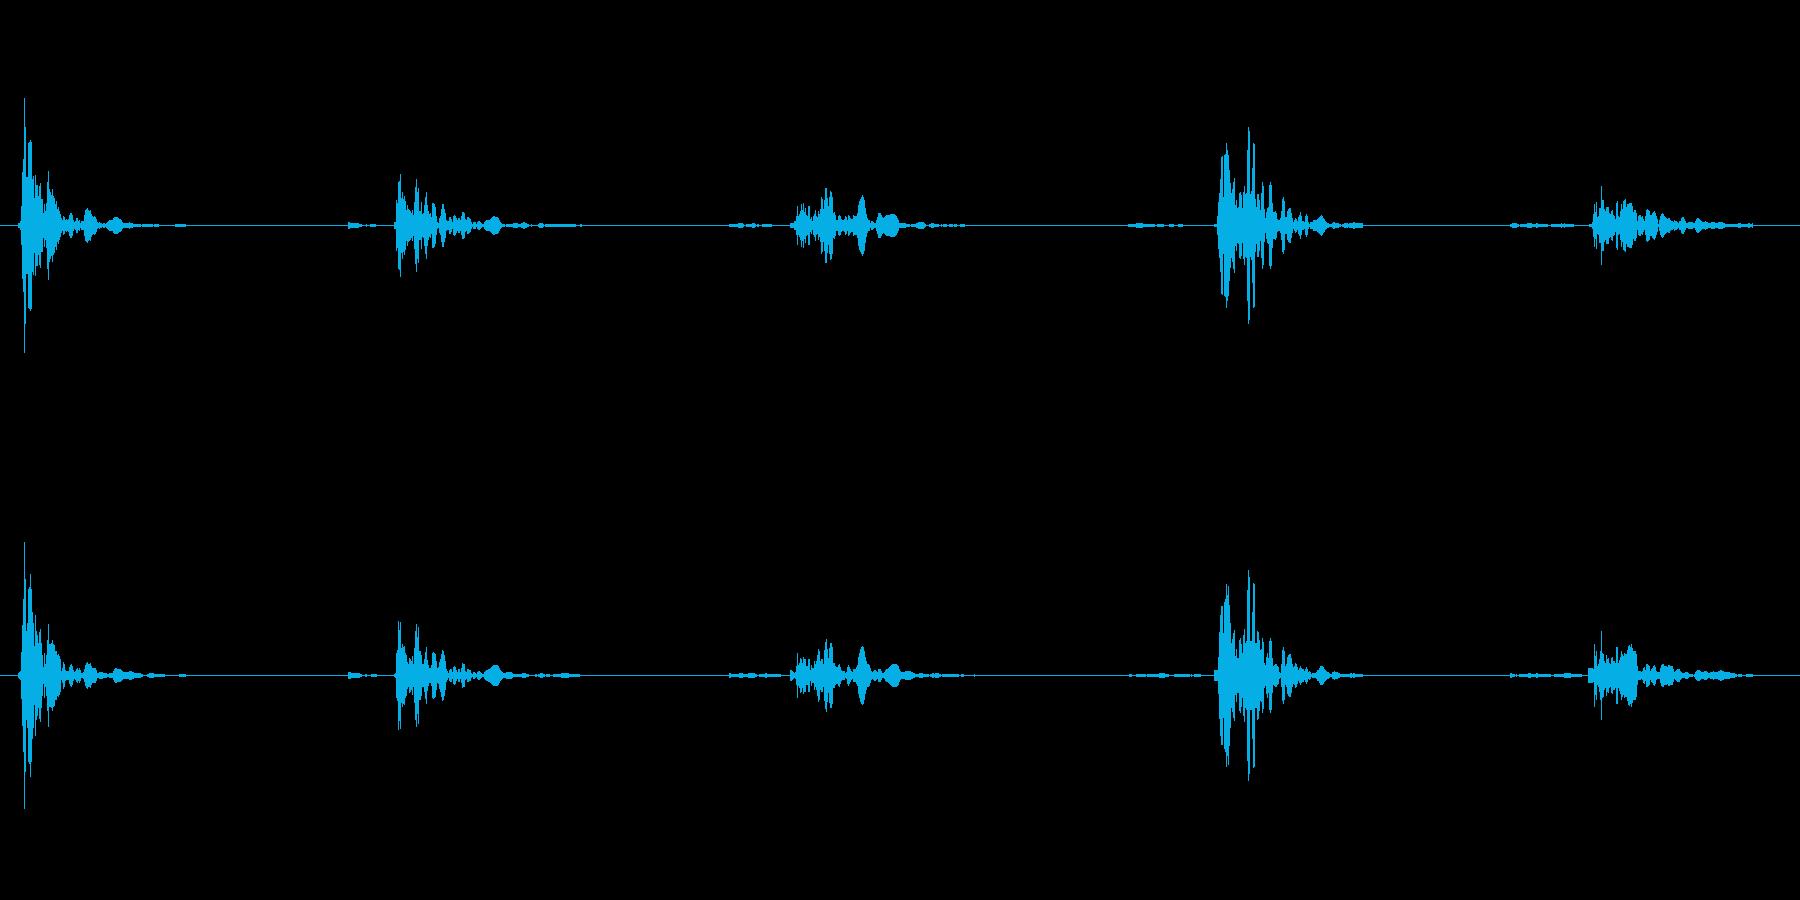 恐怖シリーズ13.家の階段を歩く音の再生済みの波形